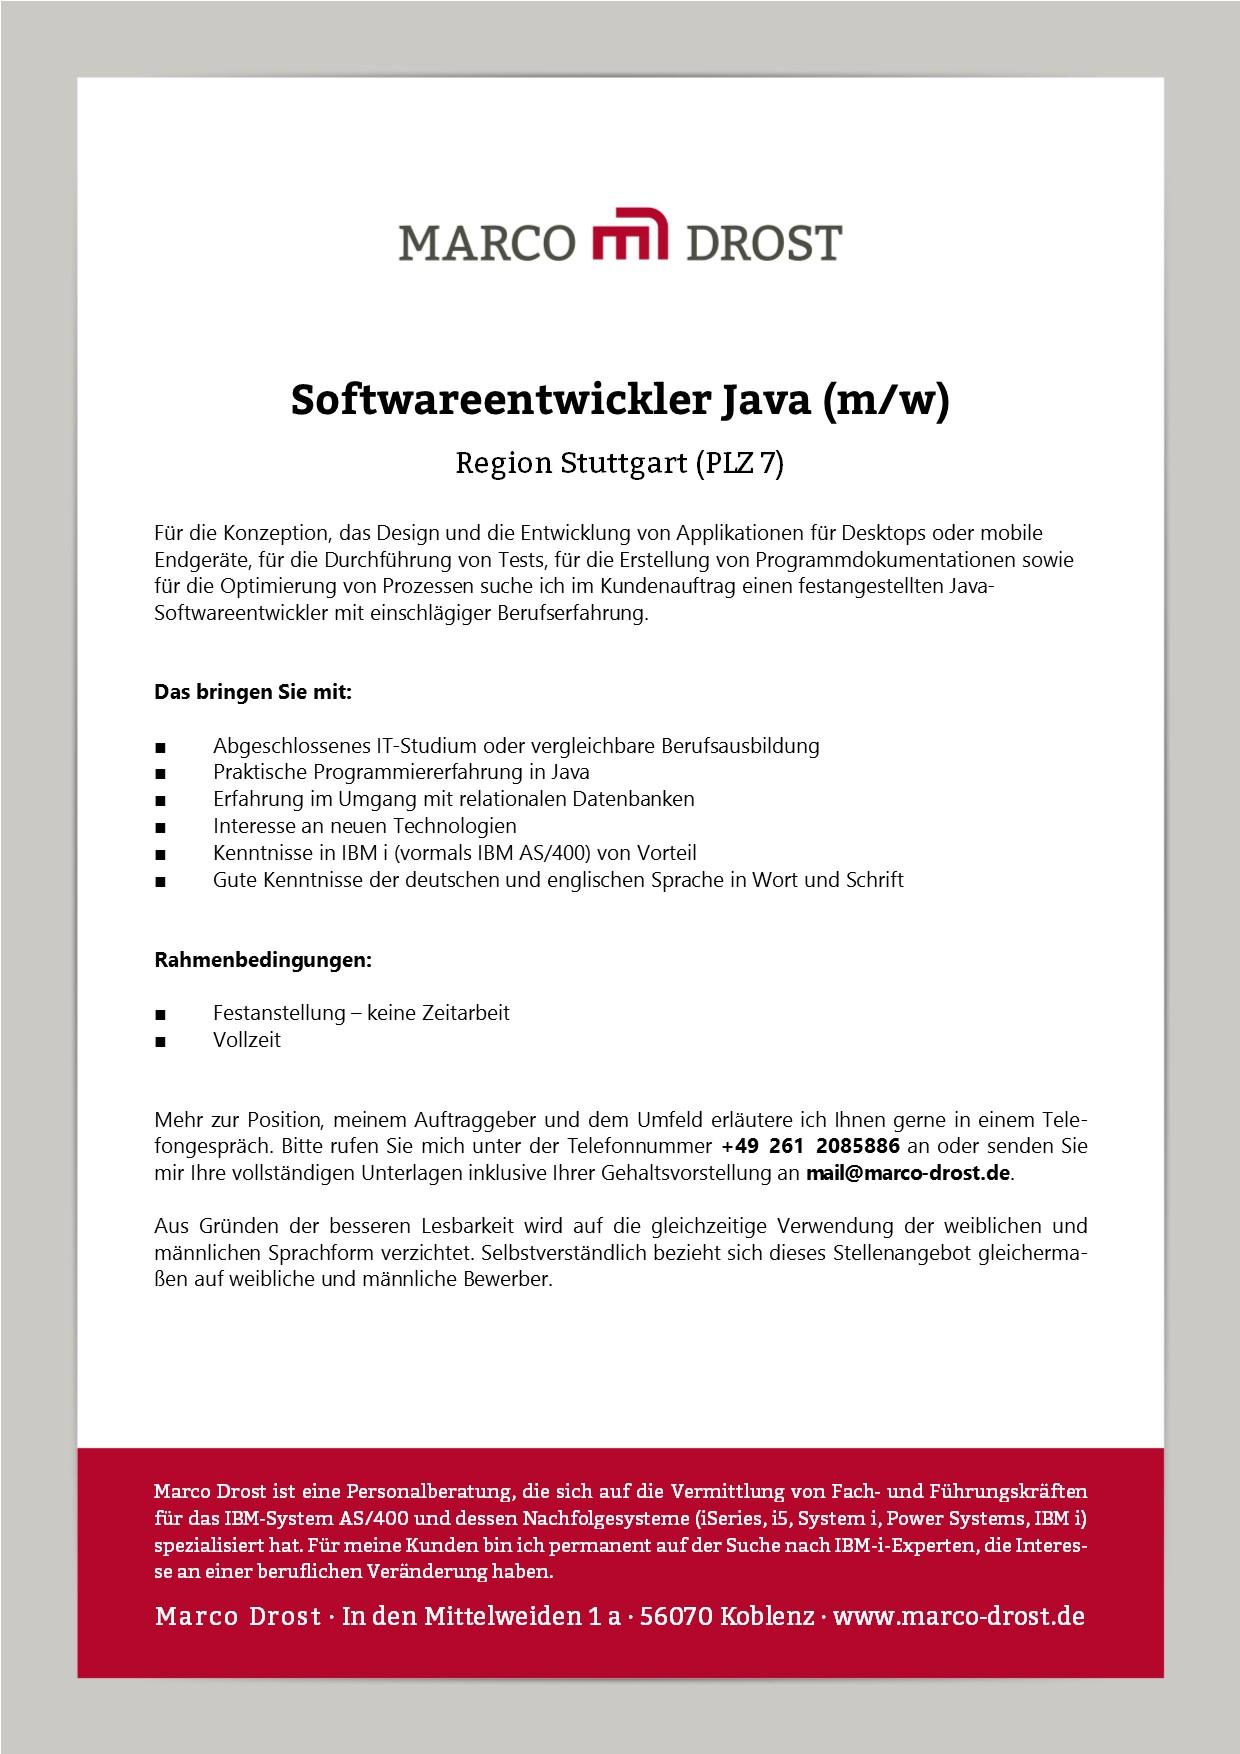 Seite 2 - Jobsuche, Bewerbung und Zeugnisse - Fachinformatiker.de